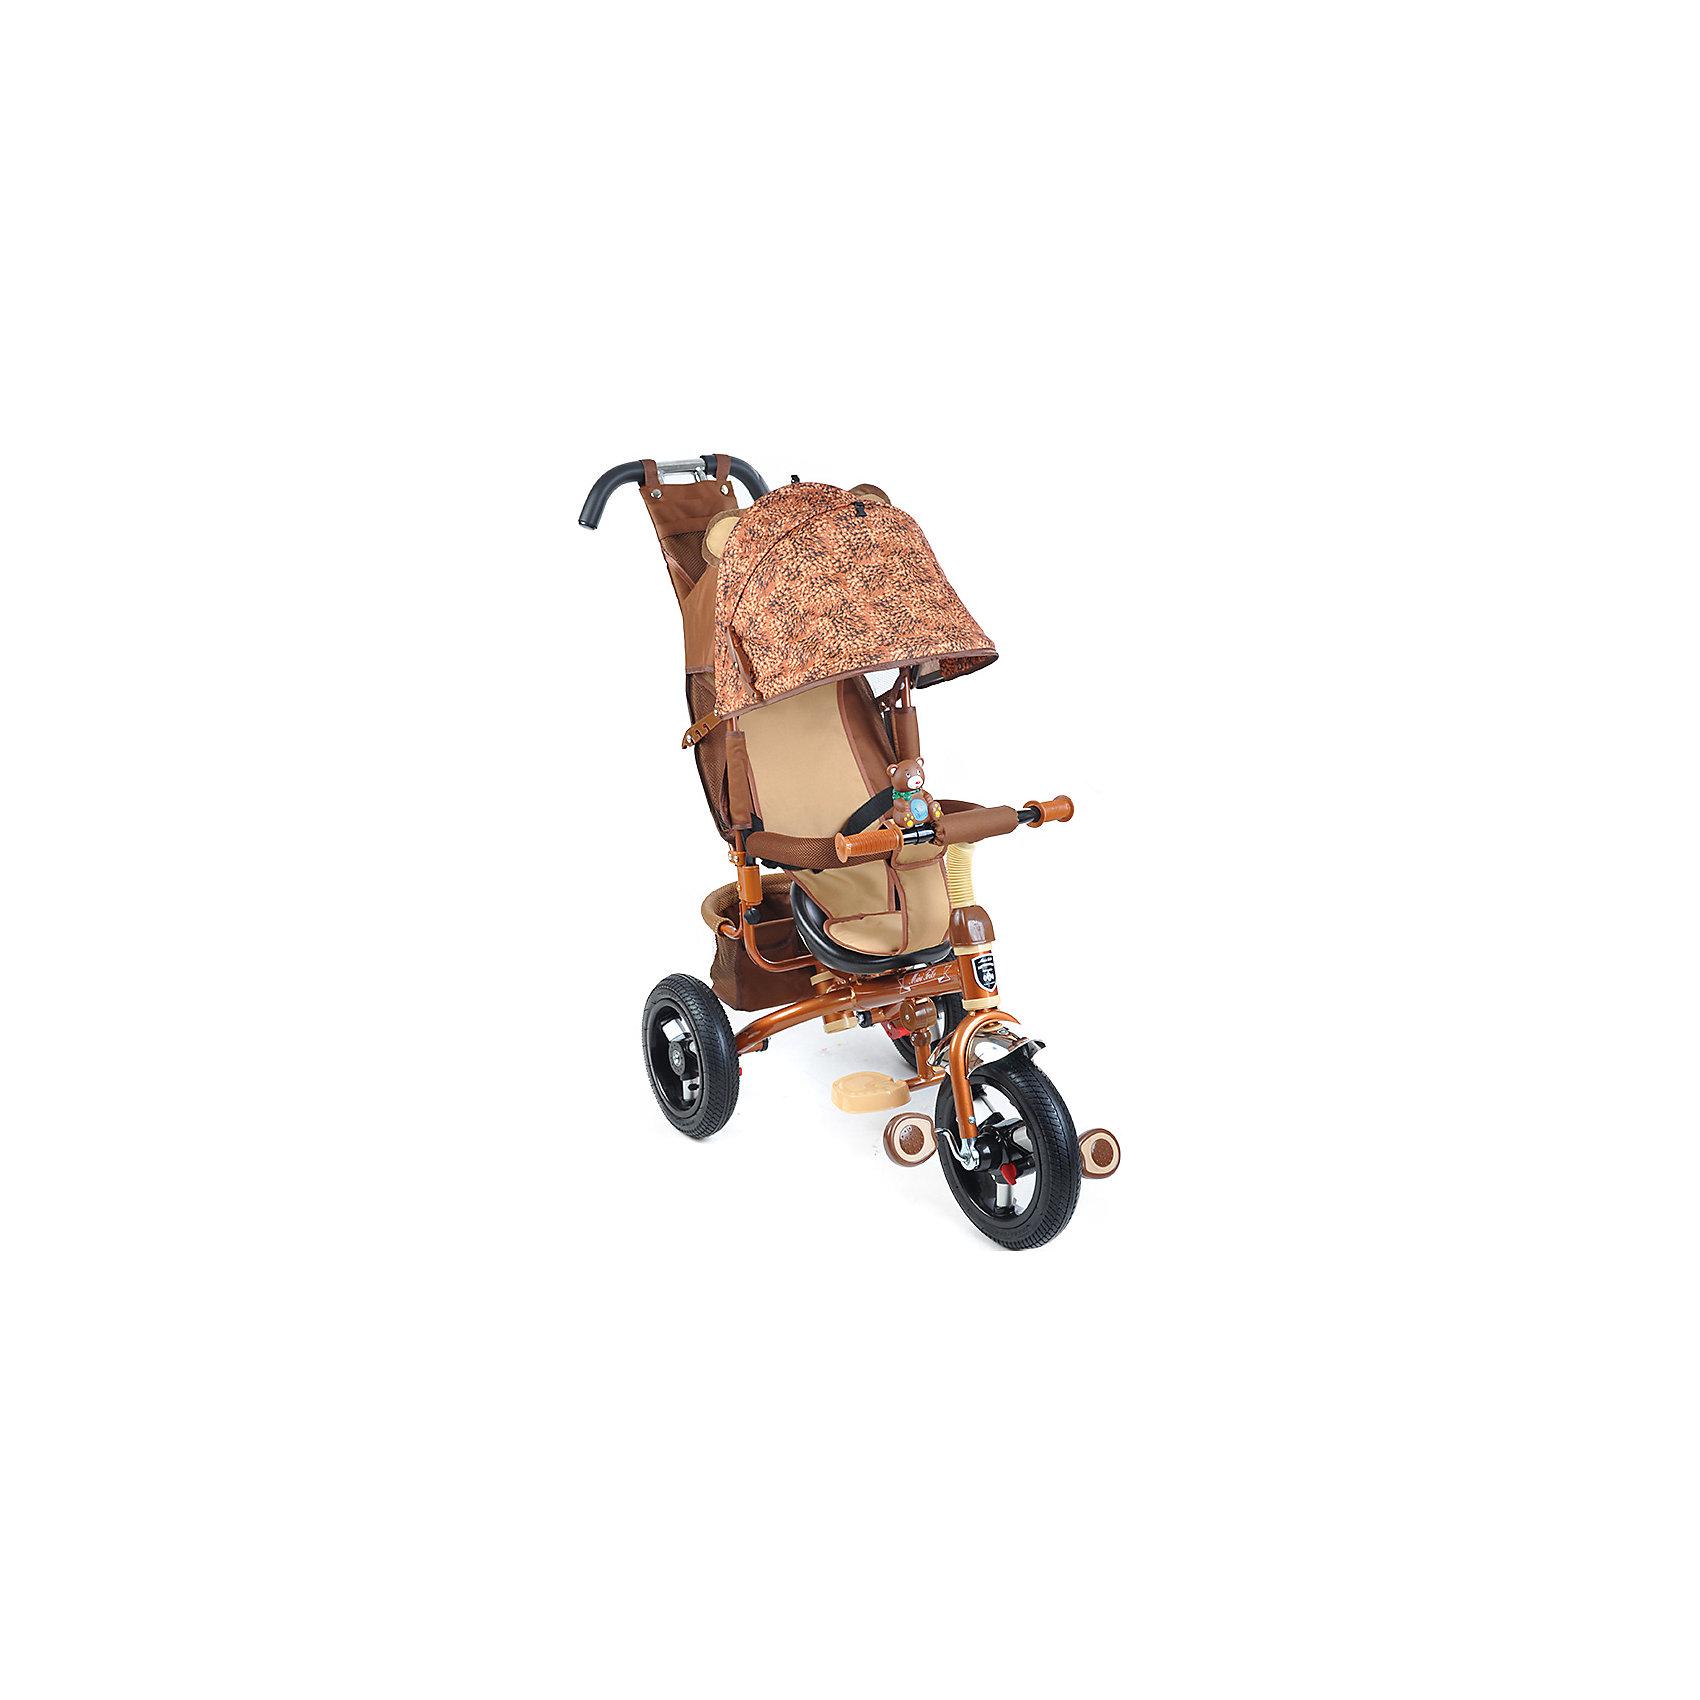 Велосипед трехколесный Медвед, MINI TRIKEКрасивый и удобный велосипед - предмет желаний огромного количества детей! Также для родителей он сможет выполнять функции коляски. Велосипед приводится в действие, когда начинаешь крутить педали. На нем очень комфортно ездить благодаря продуманному размеру колес, их размер точно вымерен для того, чтобы обеспечить устойчивость на поворотах. С помощью велосипеда ребенок будет развивать внимательность и пространственное мышление, а также учиться правильно использовать пространство.<br>Велосипед выполнен в стильной расцветке, он произведен из высококачественных материалов. Эти материалы безопасны для ребенка. Он имеет созданную специалистами конструкцию, которая обеспечит ребенку комфорт и безопасность.<br><br>Дополнительная информация:<br><br>цвет: коричневый;<br>подножка складывается;<br>сиденье с высокой воздухопроницаемой спинкой и с мягким тканевым вкладышем;<br>можно увеличить или уменьшить расстояние от сиденья до руля;<br>пластиковые колеса диаметром 12 и 10 (переднее и задние соответственно);<br>ножной тормоз на задние колеса;<br>регулируемый большой капор с фиксатором уровней открытости;<br>разъемный навес;<br>смотровое окно в задней части навеса;<br>удобный вместительный багажник;<br>сумочка для мелочей на ручке управления;<br>клаксон-игрушка.<br>размер: 83x49x100 см.<br><br>Велосипед трехколесный Медведь, от марки MINI TRIKE можно купить в нашем магазине.<br><br>Ширина мм: 940<br>Глубина мм: 520<br>Высота мм: 1100<br>Вес г: 10500<br>Возраст от месяцев: 12<br>Возраст до месяцев: 60<br>Пол: Унисекс<br>Возраст: Детский<br>SKU: 4715387